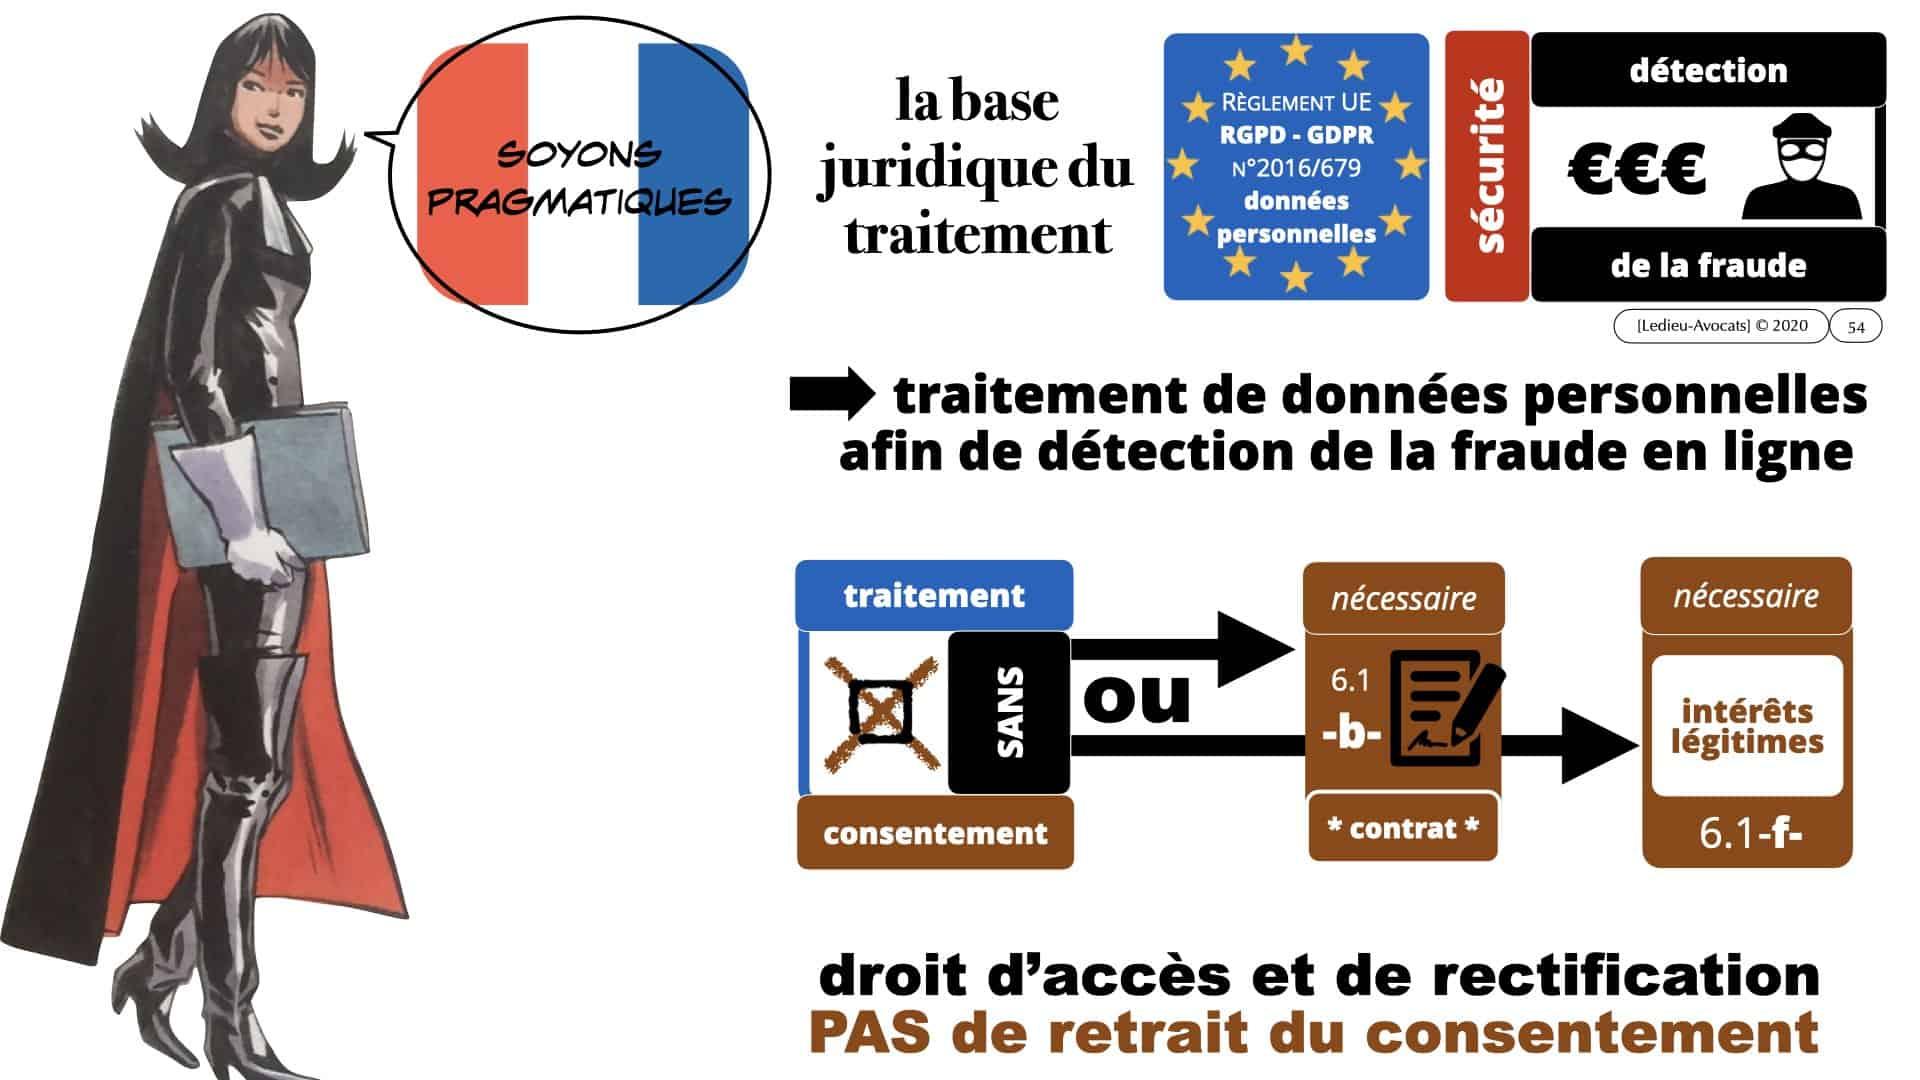 RGPD délibération CNIL Spartoo du 28 juillet 2020 n°SAN 2020-003 *16:9* ©Ledieu-Avocats 19-09-2020.054